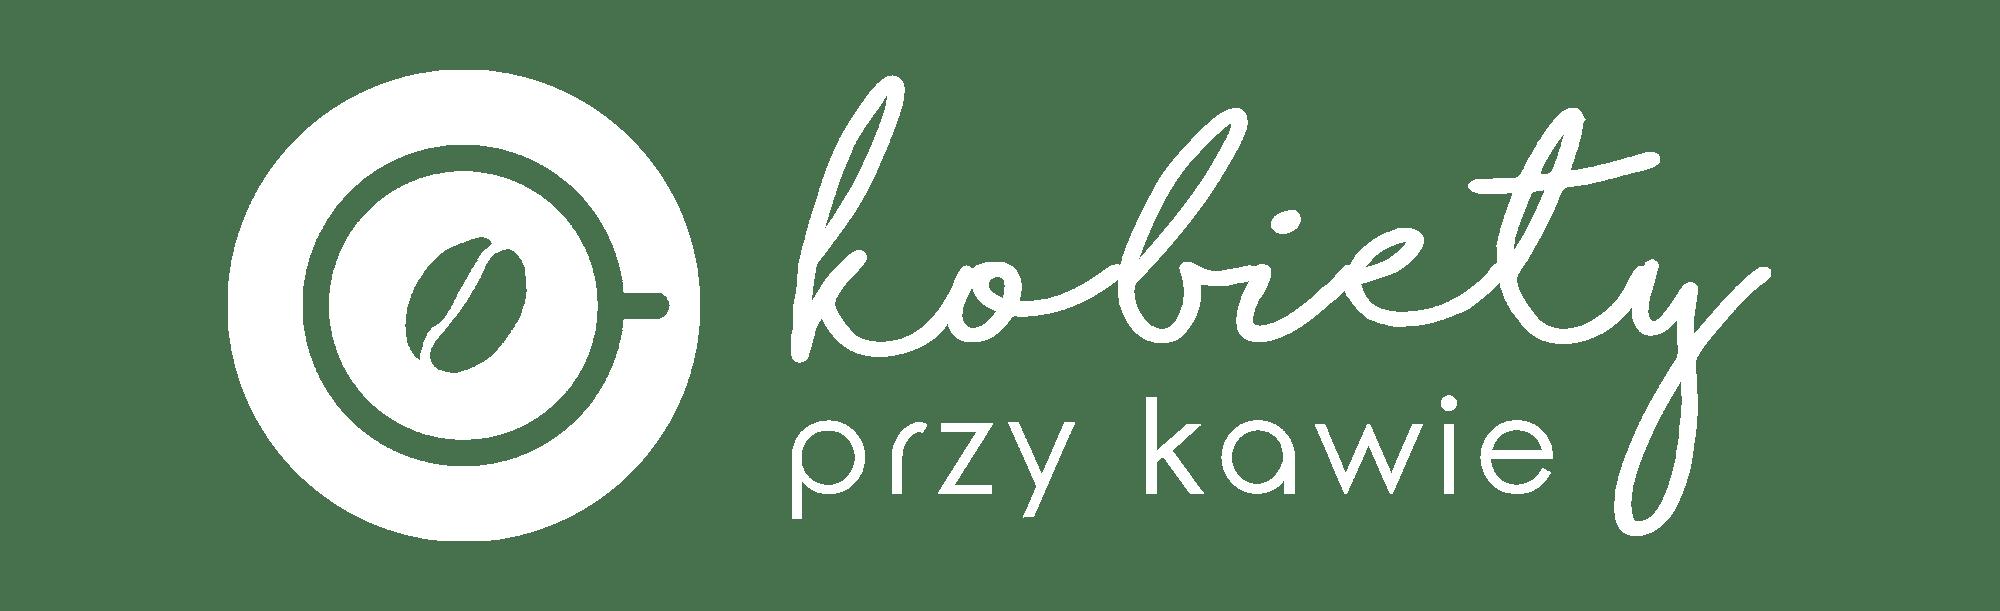 kobietyprzykawie.pl